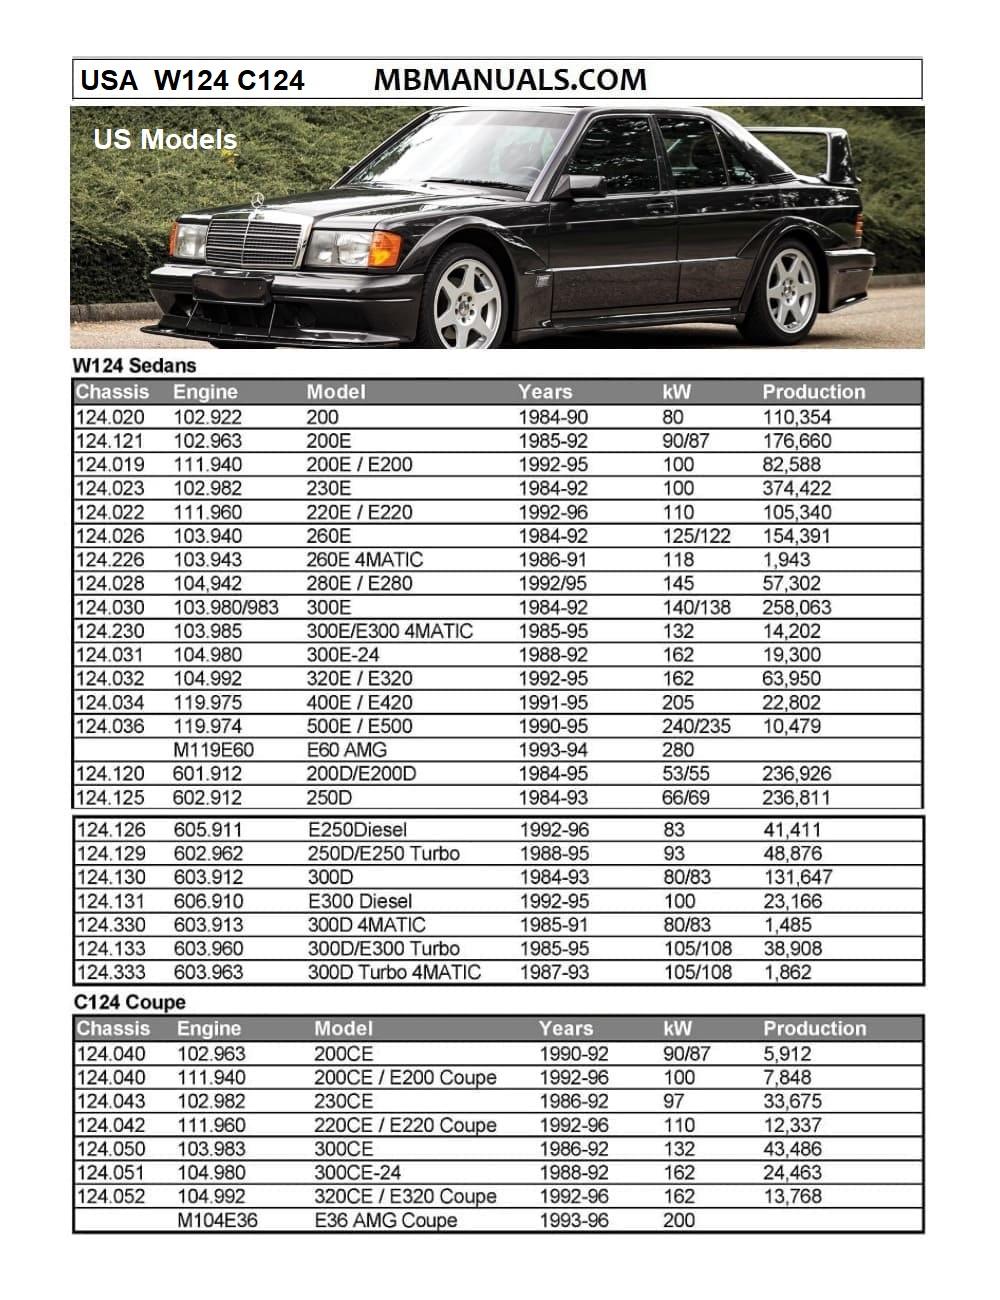 mercedes benz 124 w124 service repair manual .pdf  mercedes benz manuals